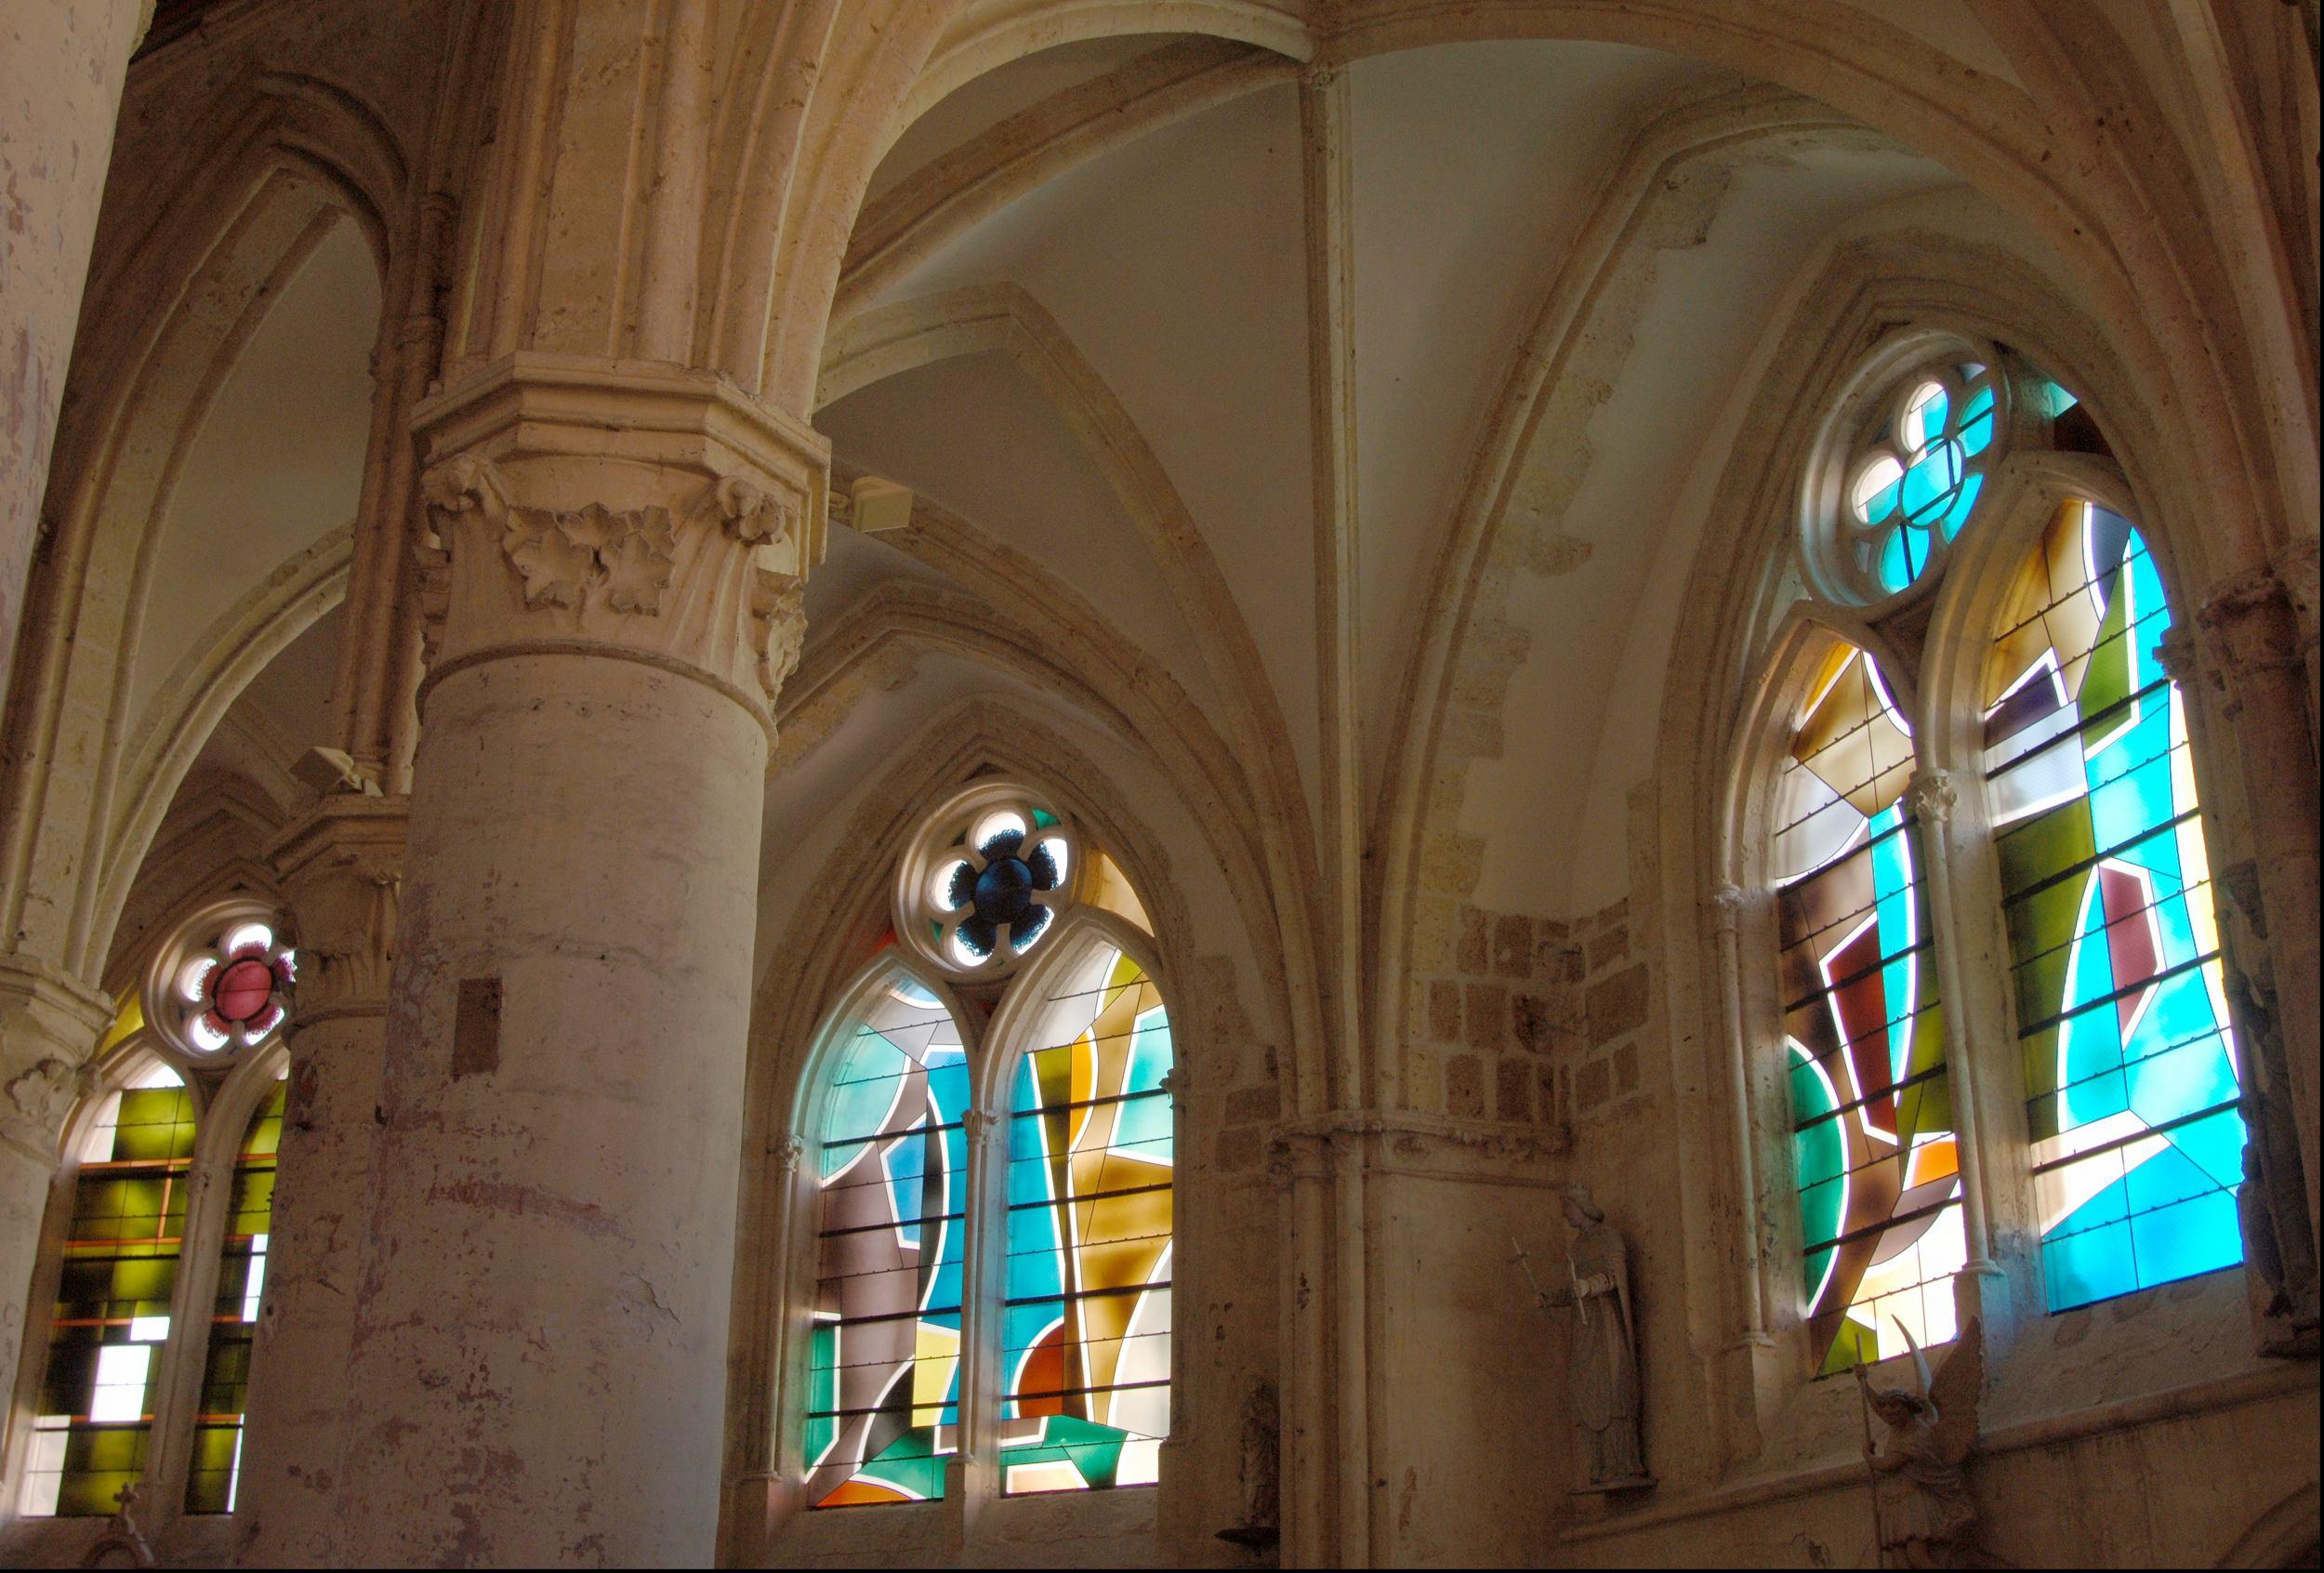 Vitraux de l'église@Saint-Pierre-et-Saint-Paul@de Villenauxe-la Grande